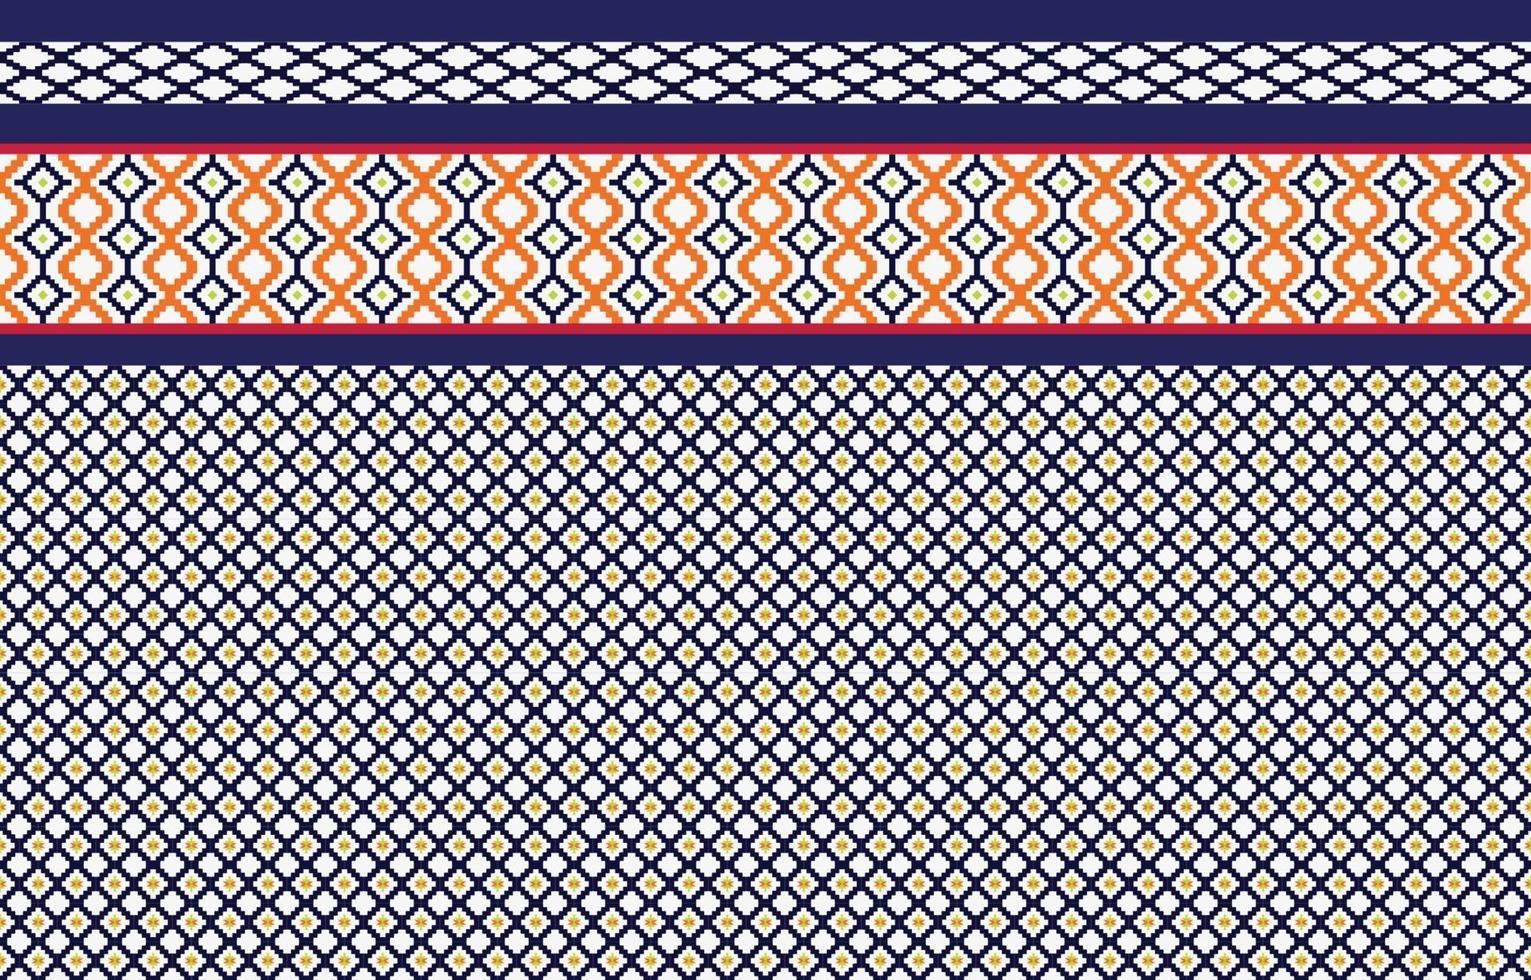 disegno tradizionale del modello etnico geometrico etnico astratto per uno sfondo vettore